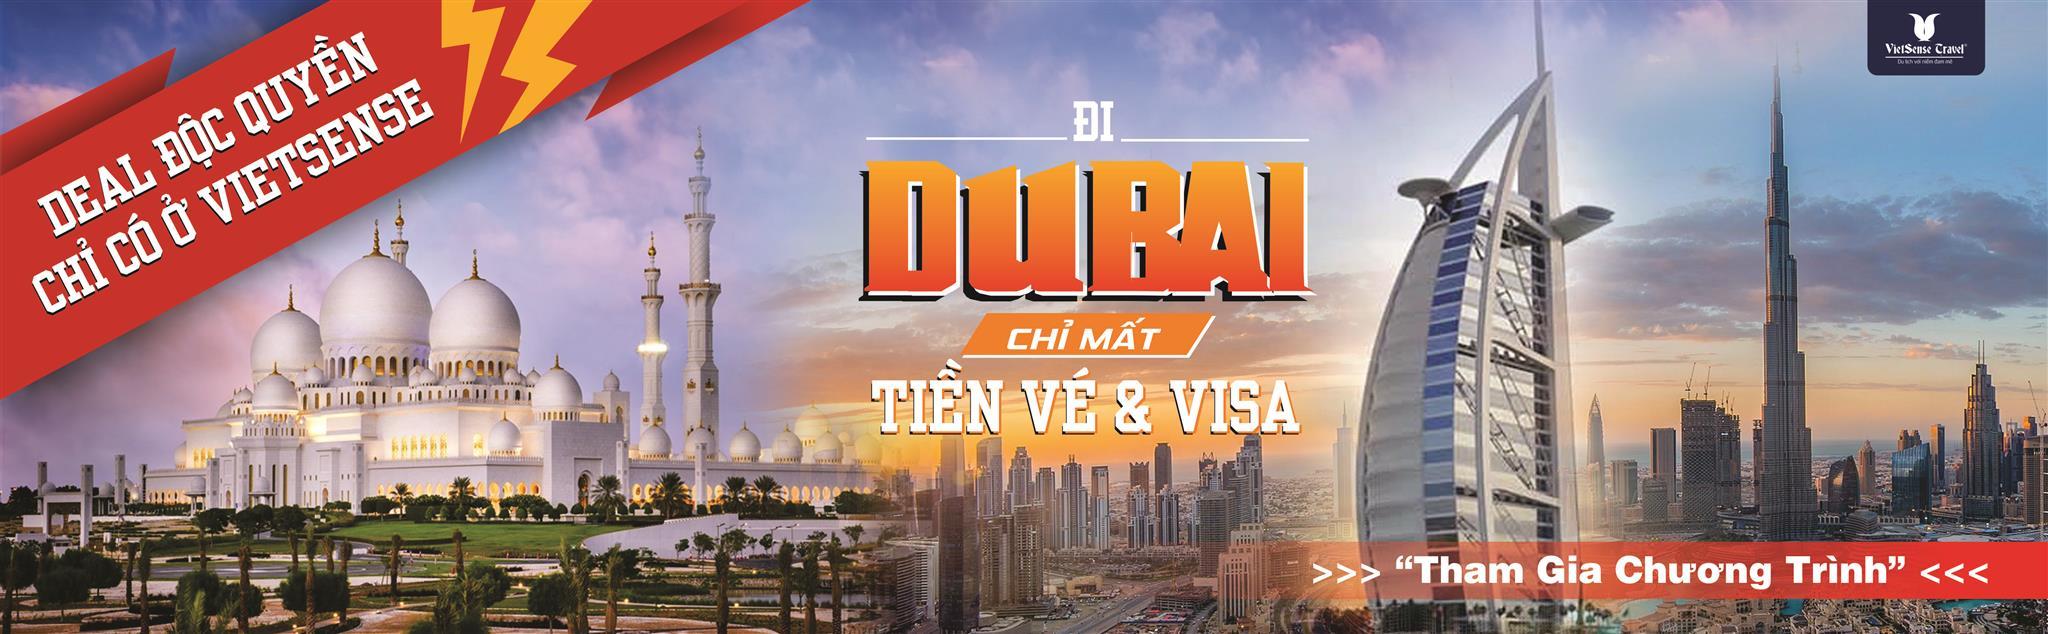 Khuyến Mãi Miễn Phí Toàn Bộ Chí Phí Đi Dubai - Ảnh 1